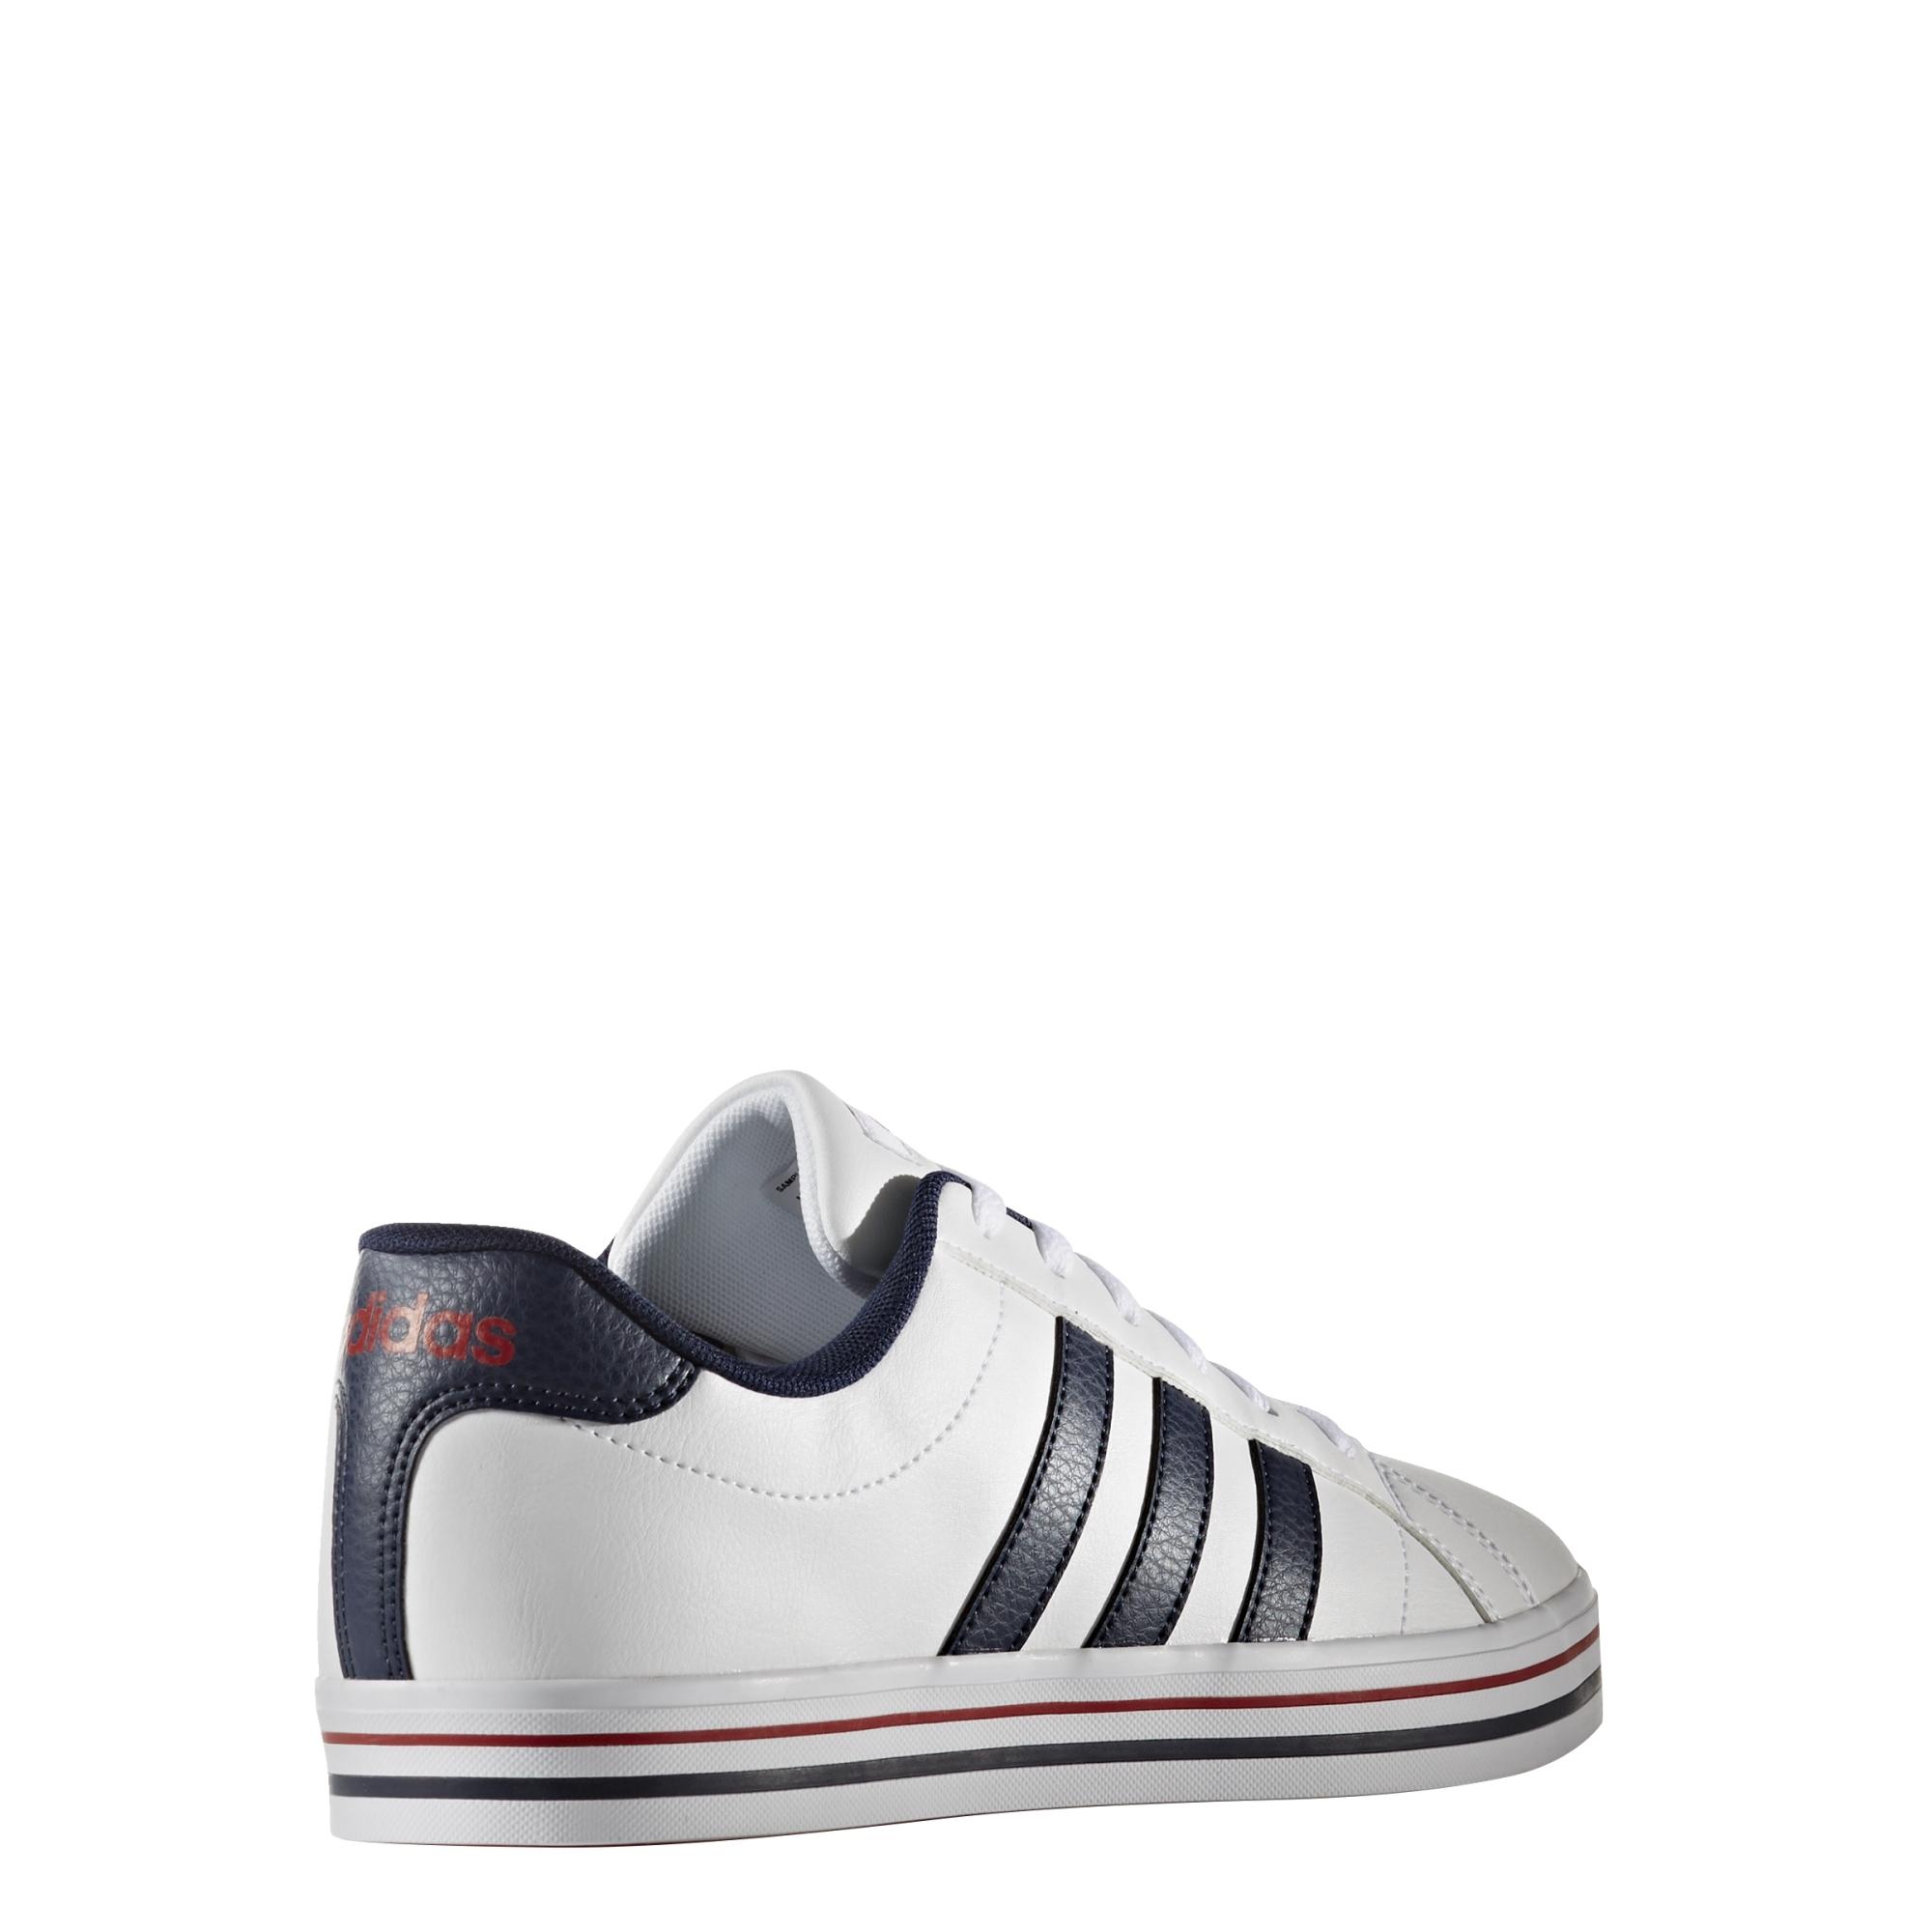 nowe niższe ceny dobra tekstura Cena obniżona Zapatillas Adidas Weekly blanco AW5198